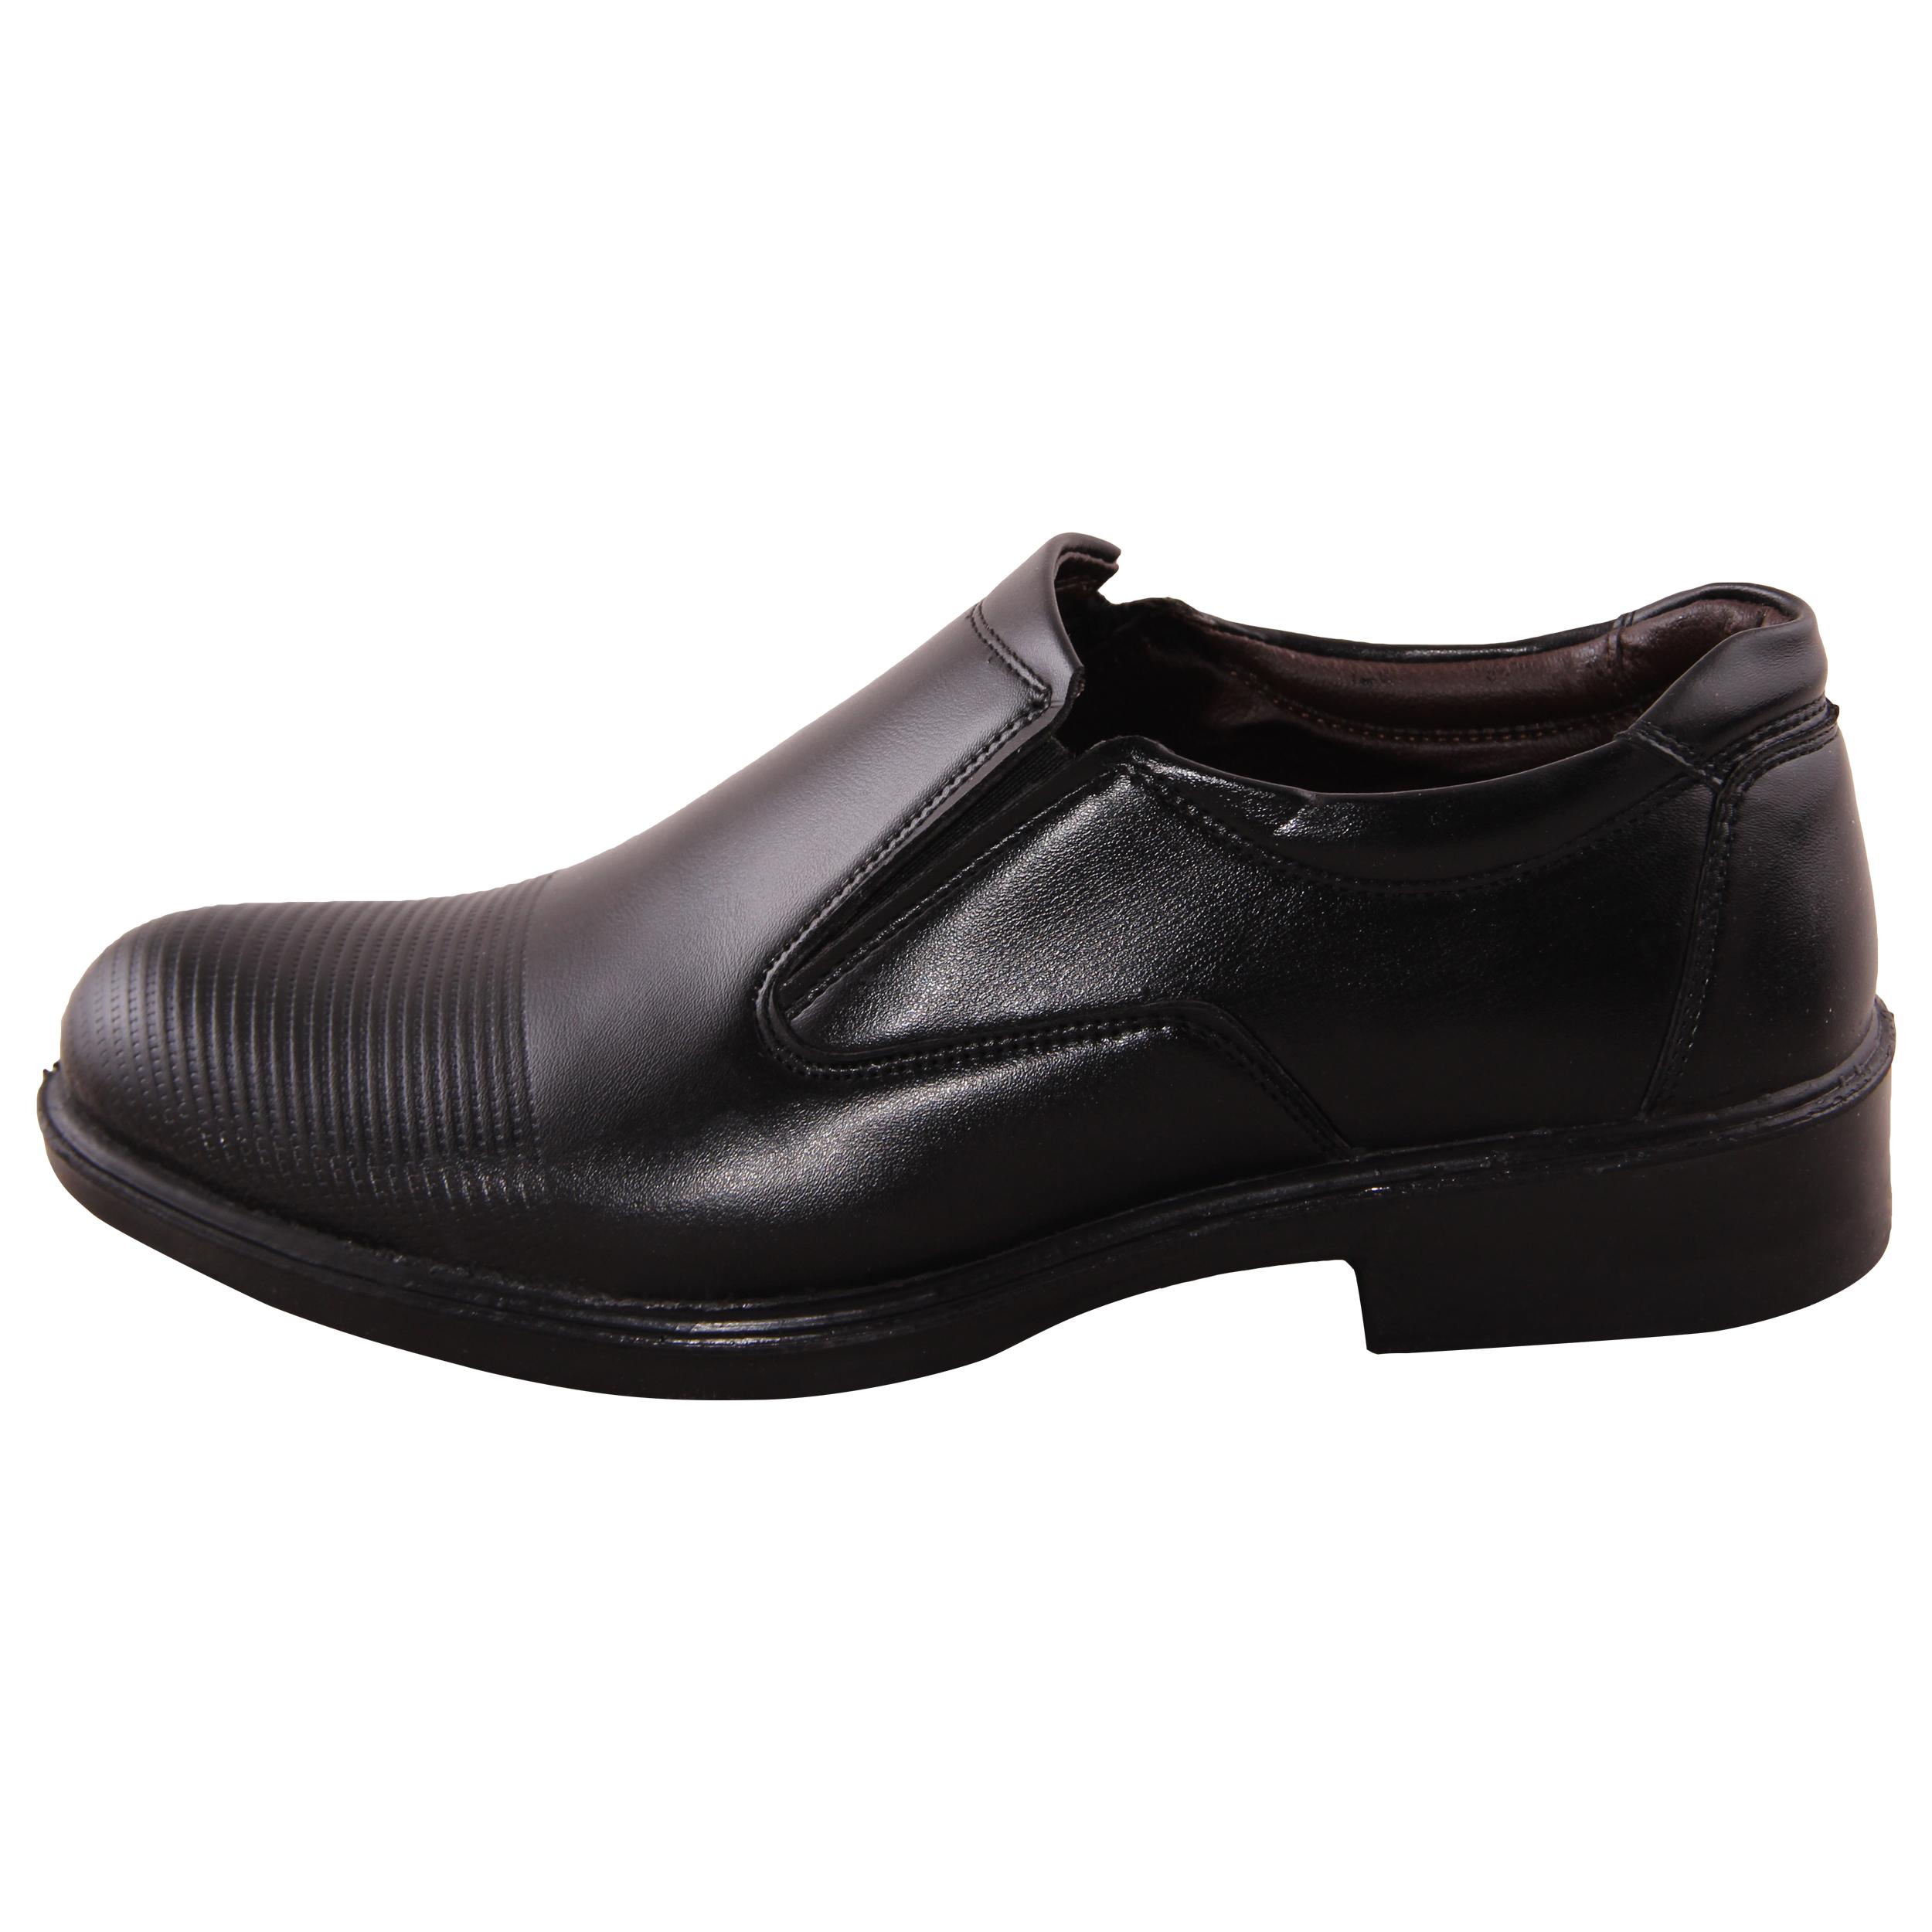 کفش مردانه کد 1-39902